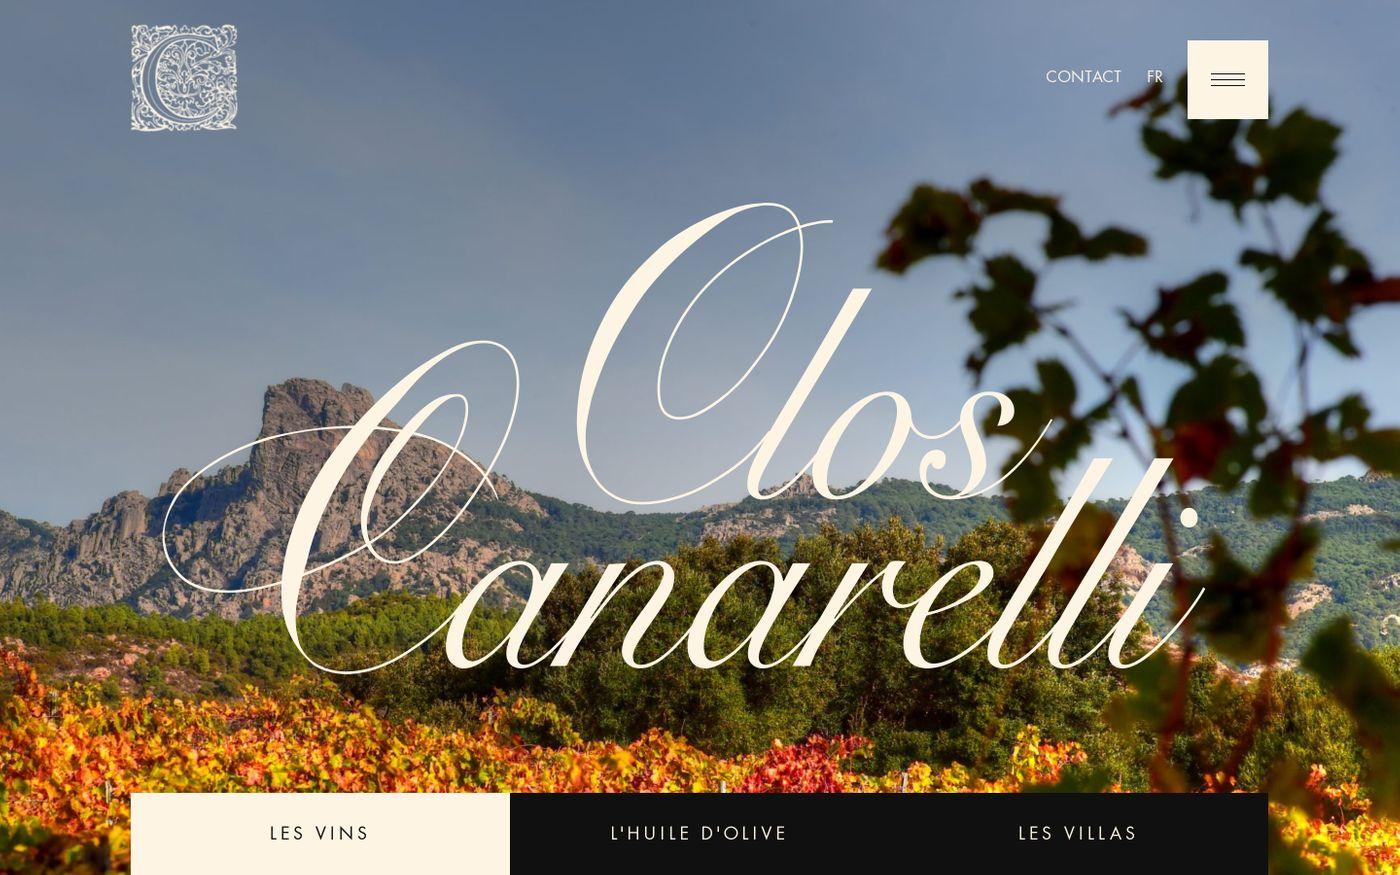 Screenshot of Clos Canarelli website